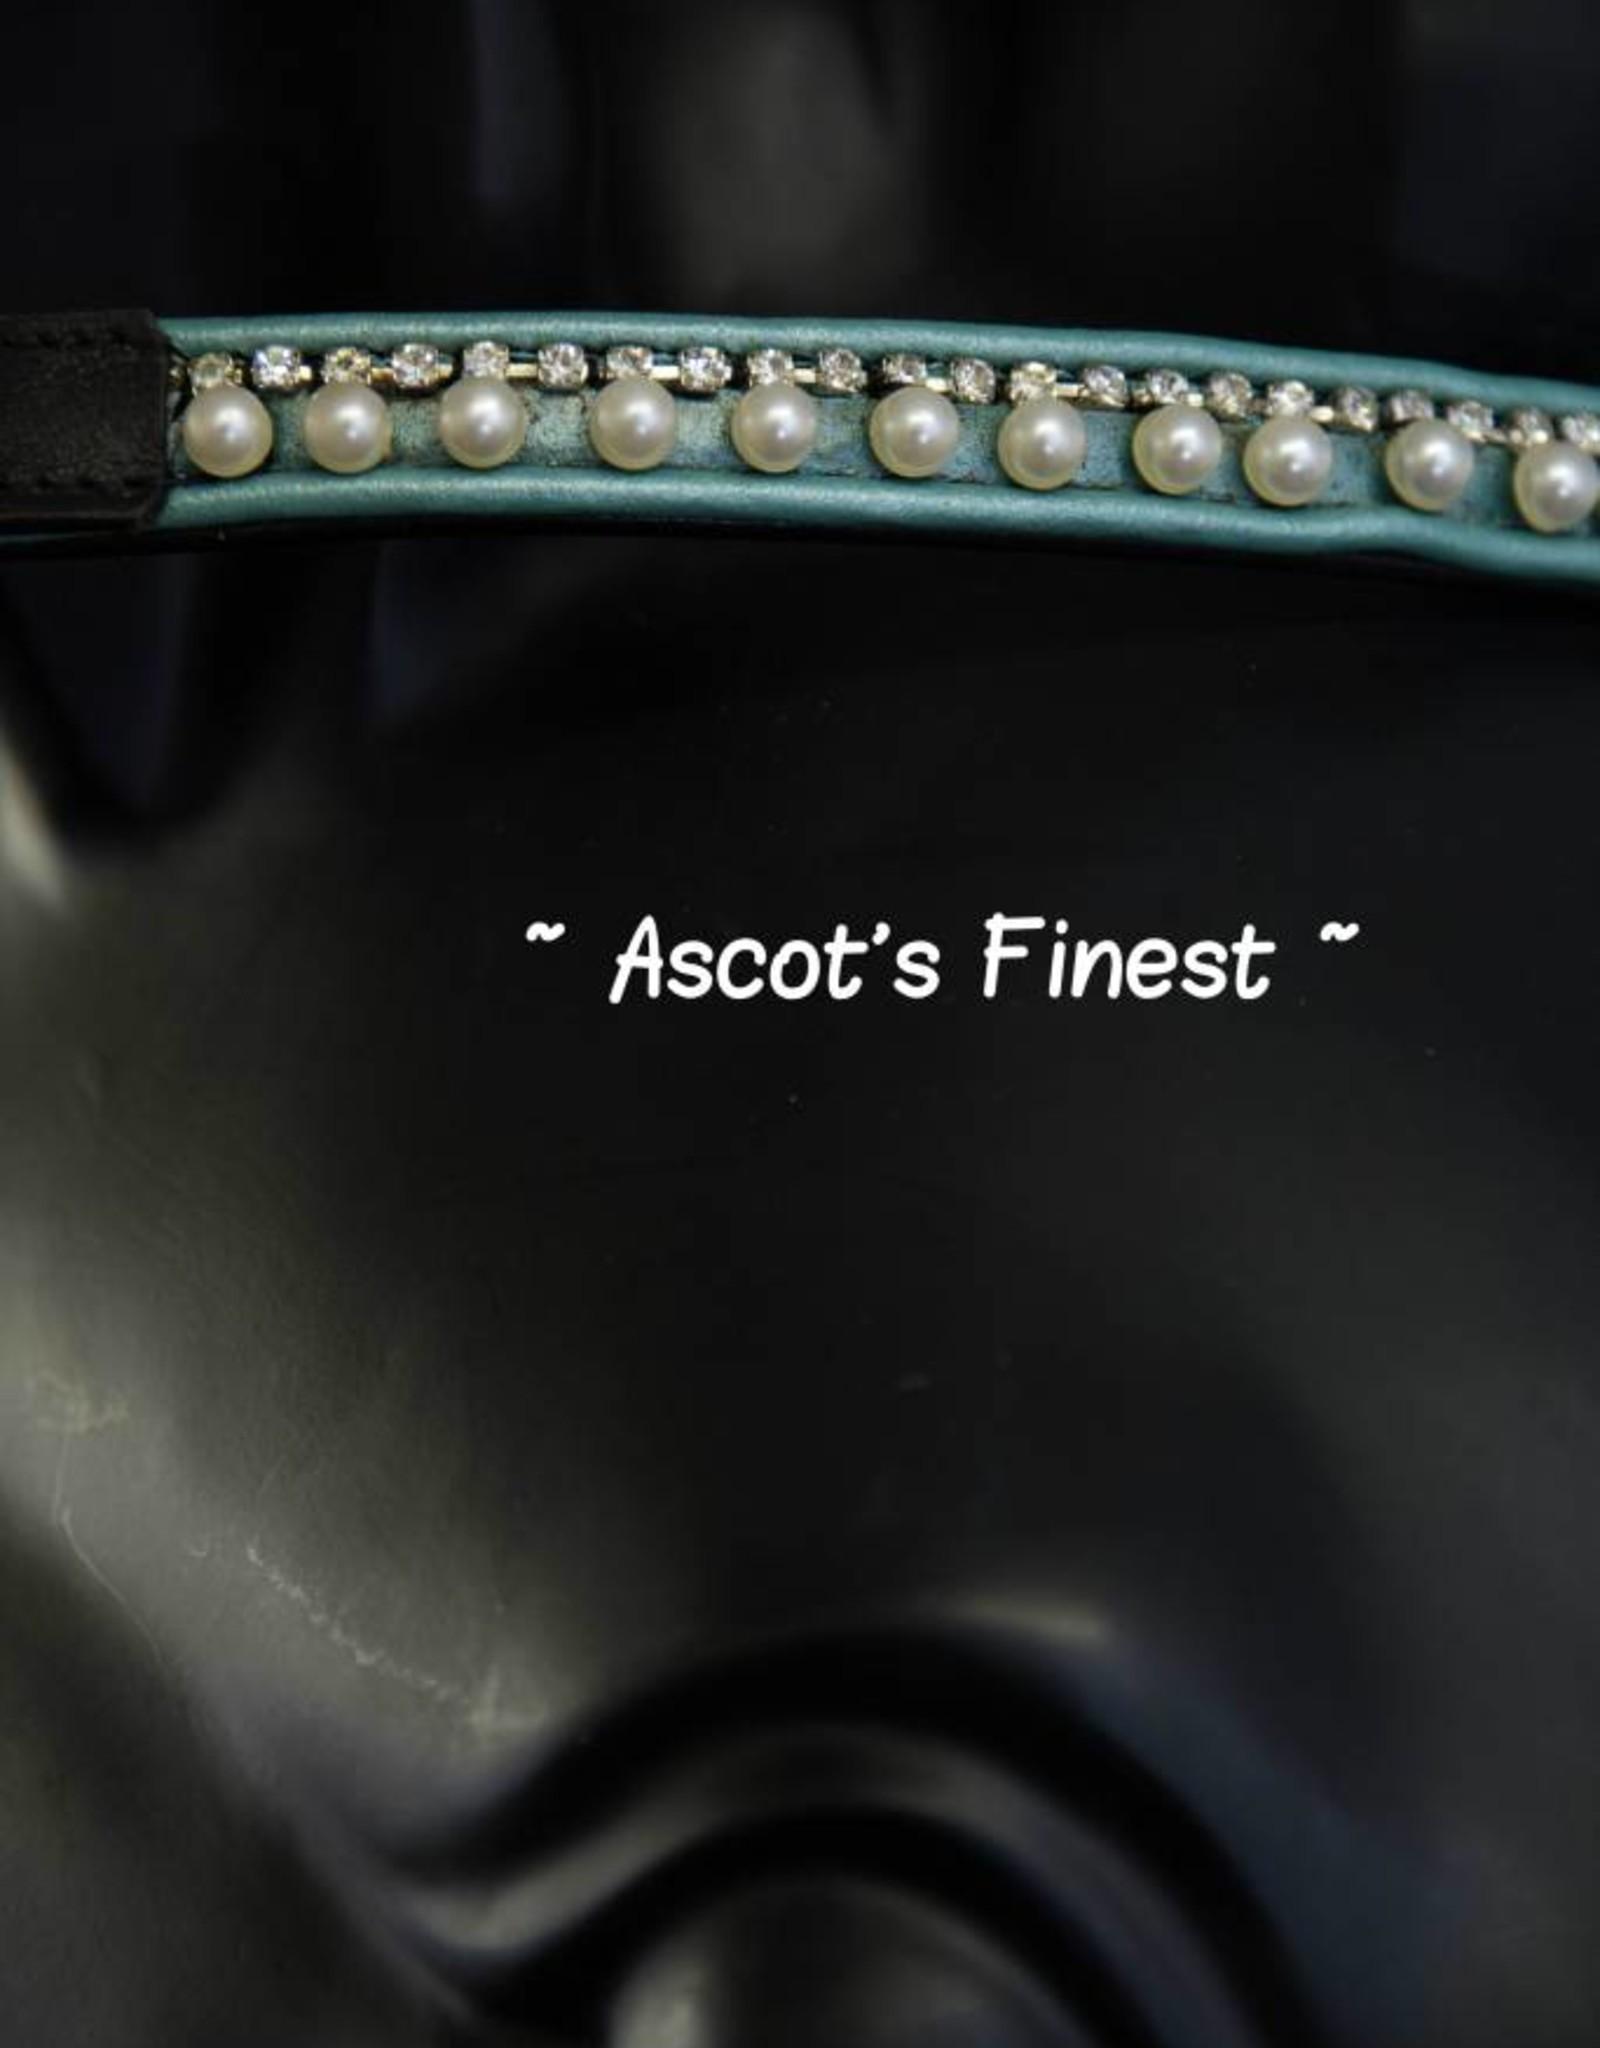 Ascot's Finest Zwart rundleer met mintgroen, parels en strass - 38 cm - Cob